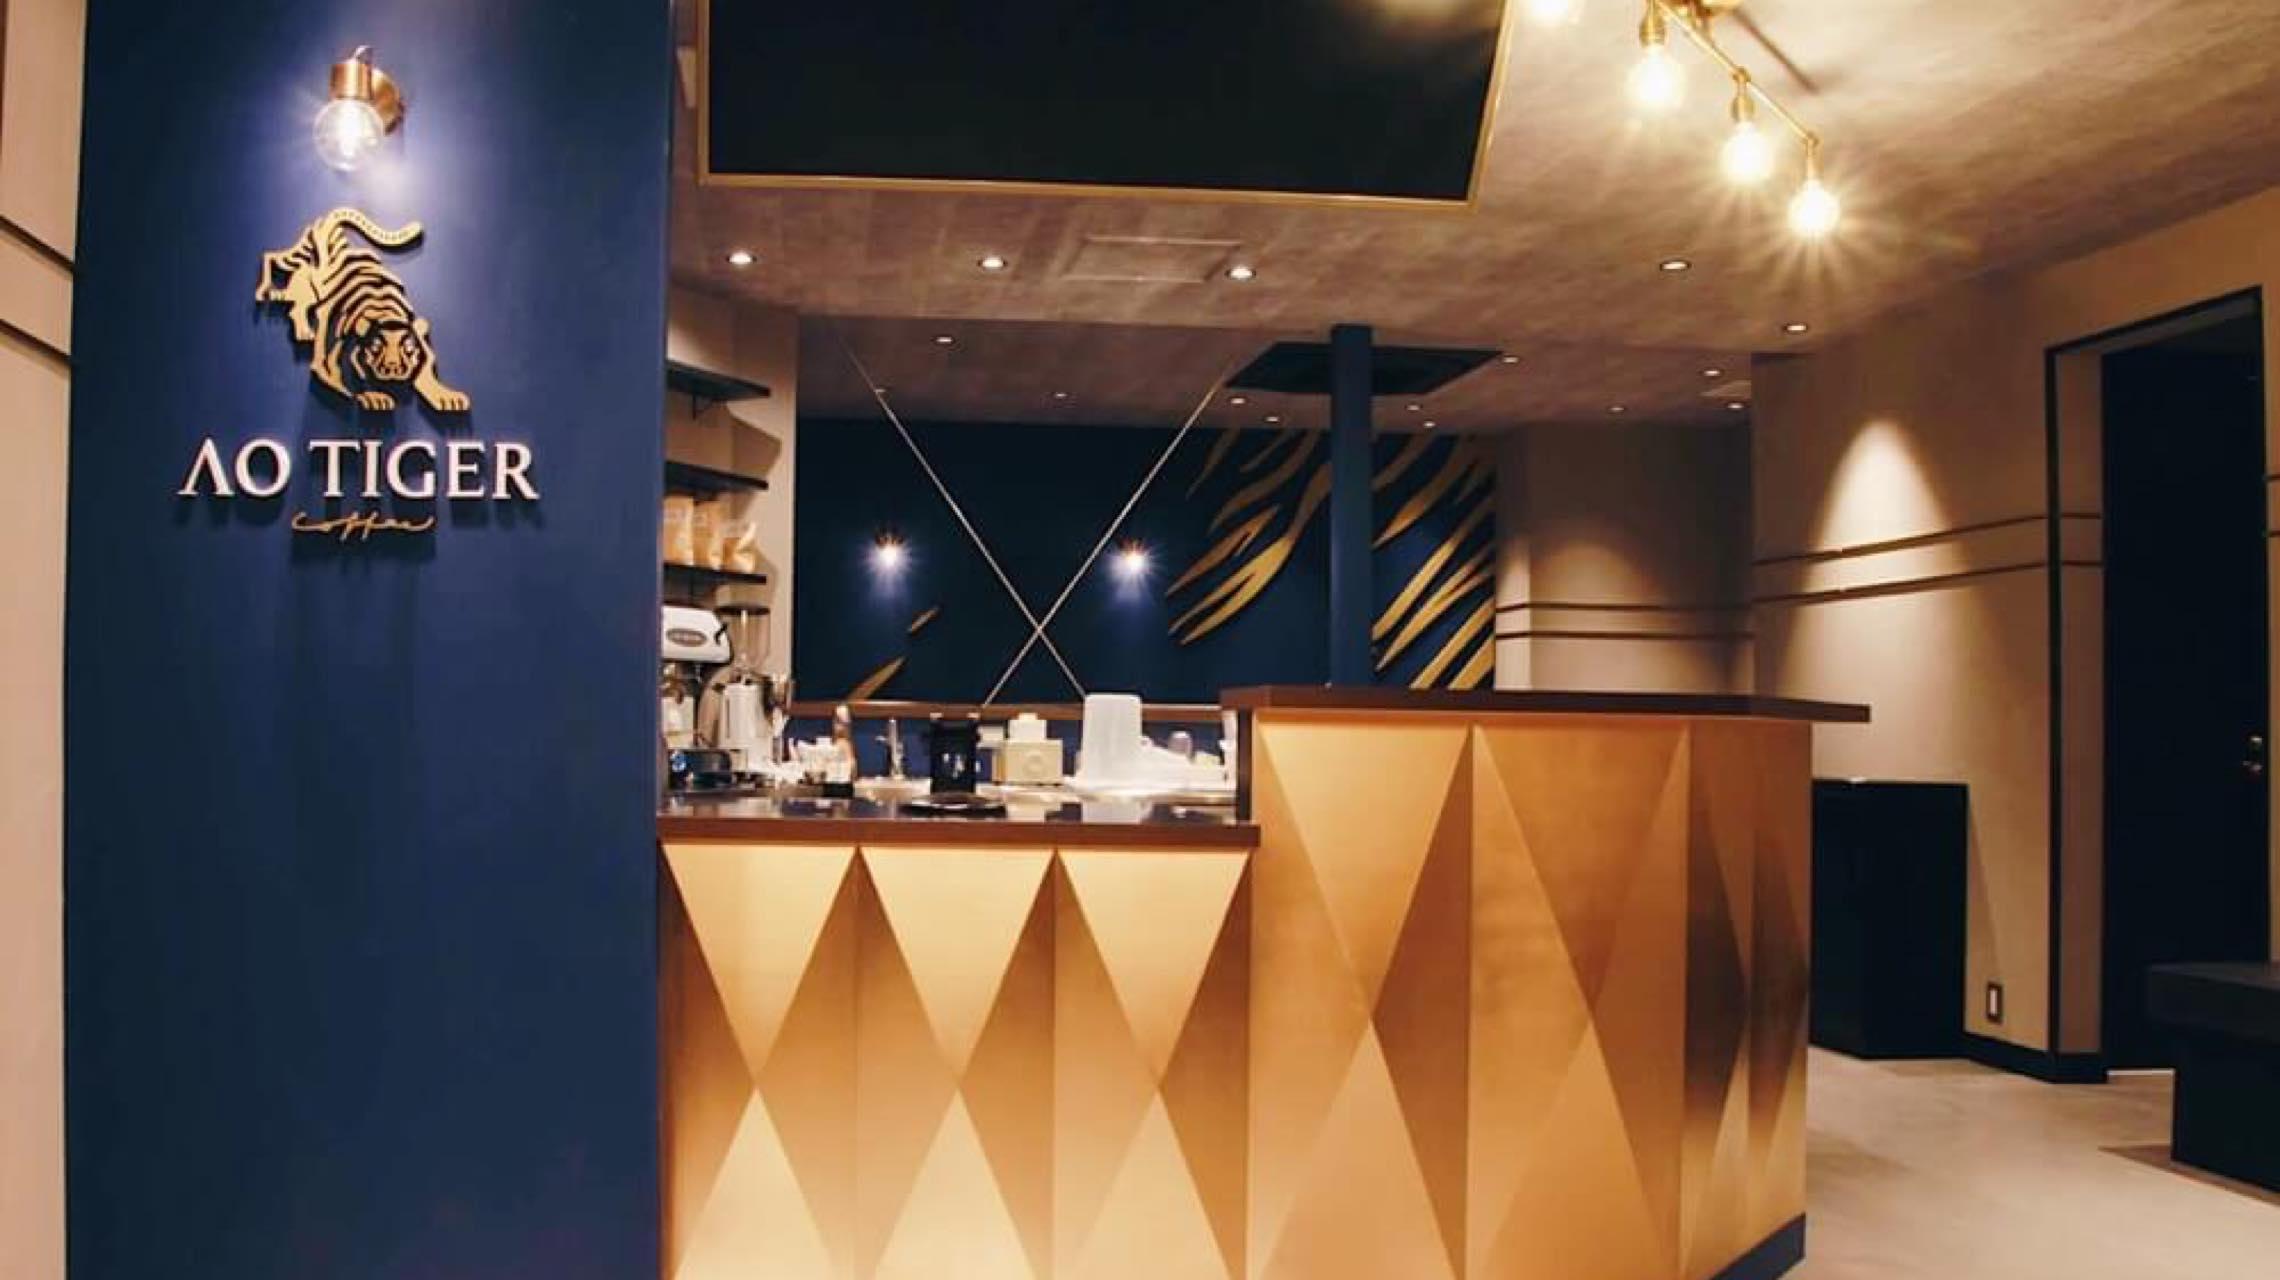 フルーツ×コーヒーの新感覚ドリンクが楽しめるMade in台湾のカフェ